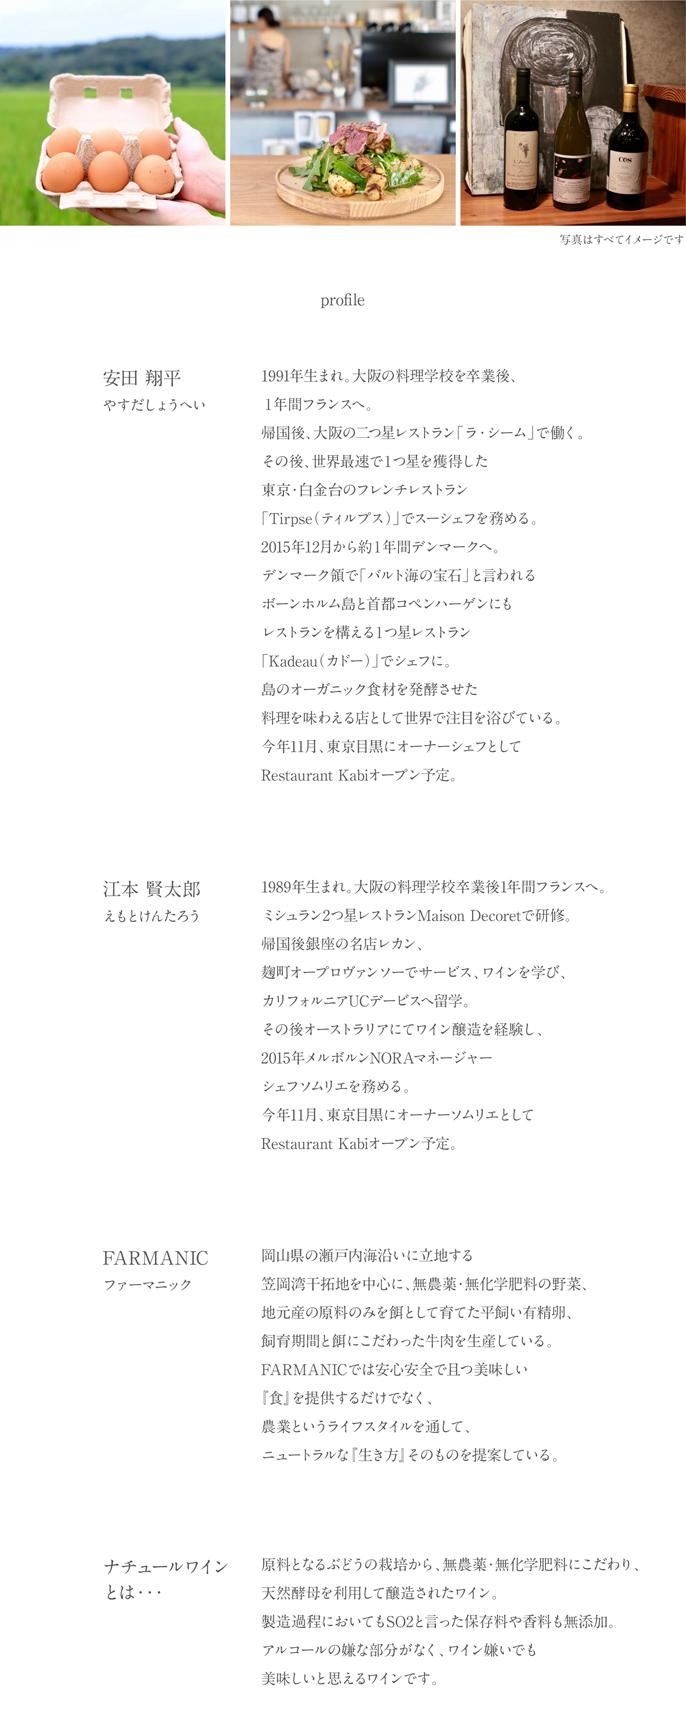 安田翔平/江本賢太郎